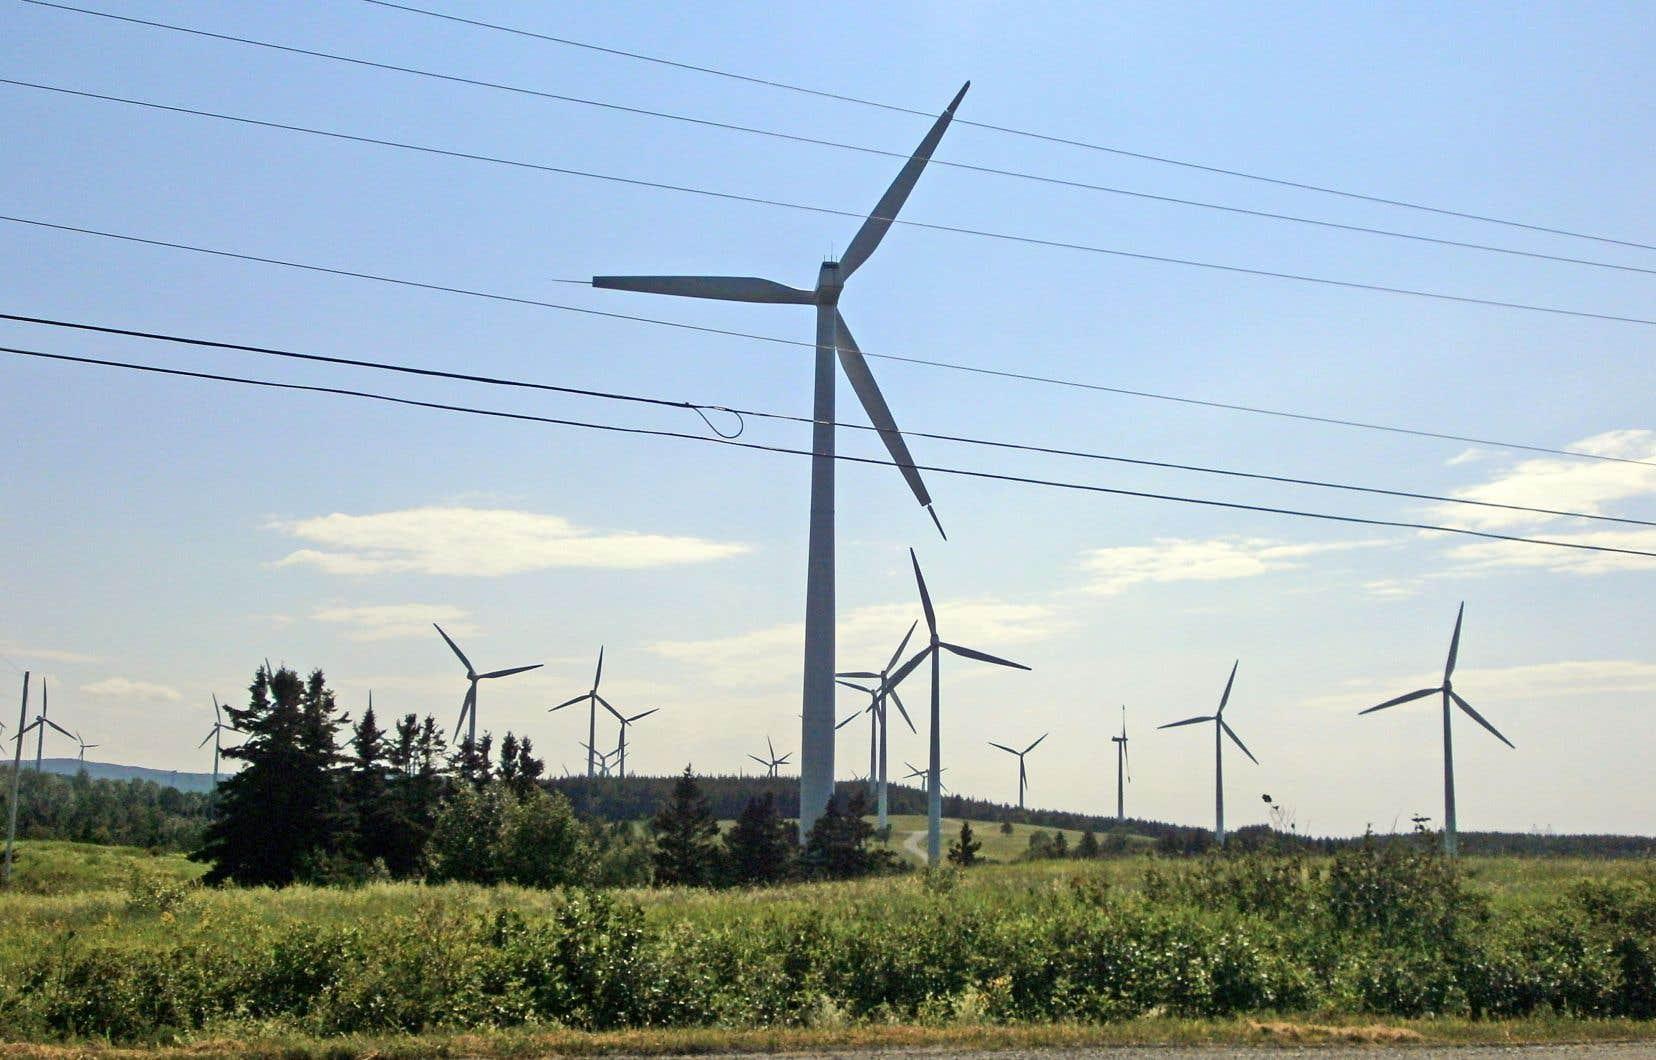 Apuiat est un projet éolien de 200 mégawatts mené par les Innus de la Côte-Nord en partenariat avec l'entreprise Boralex.